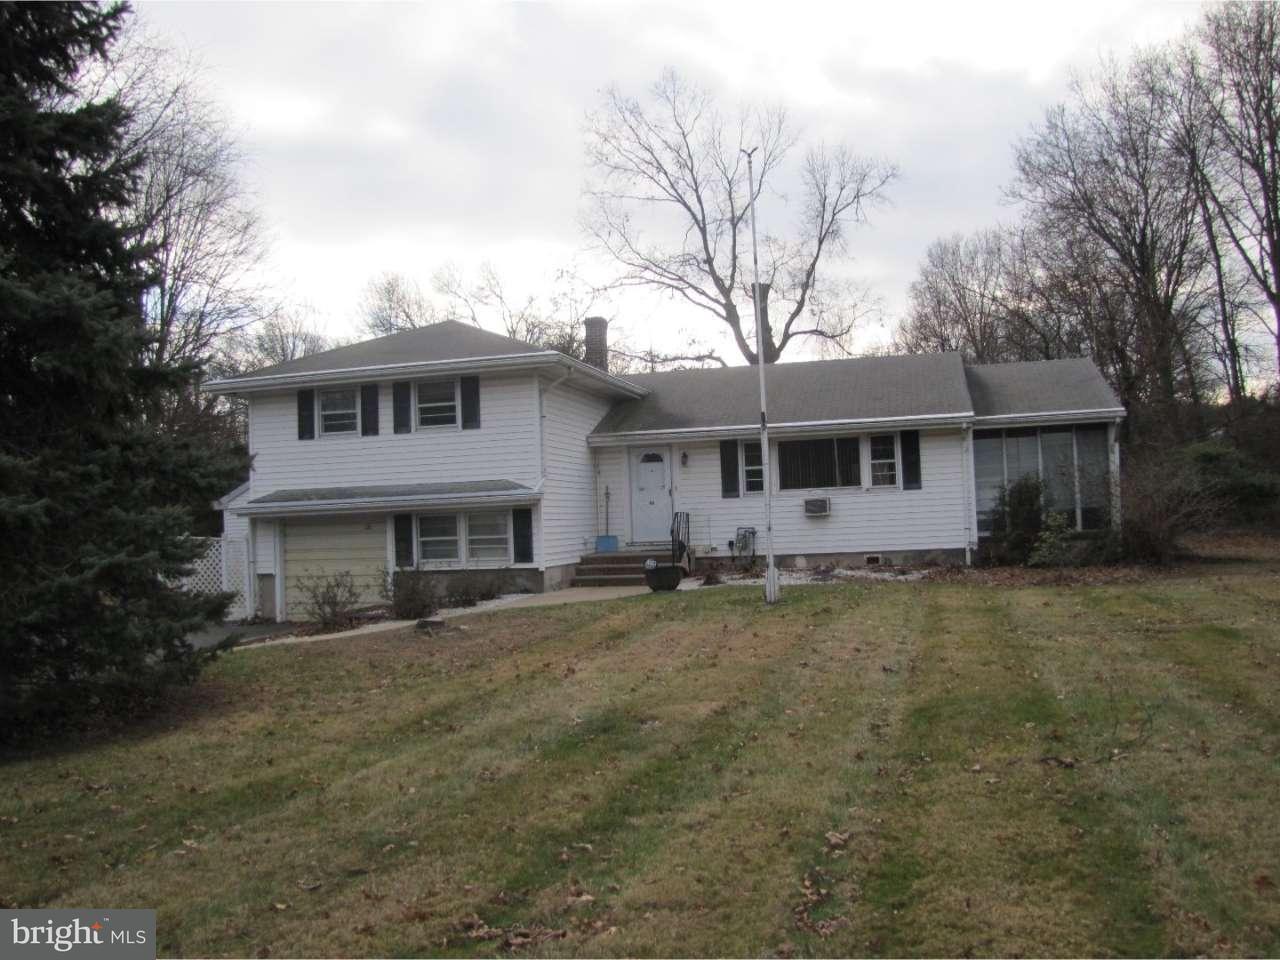 独户住宅 为 销售 在 121 HENDERSON Road 肯德尔帕克, 新泽西州 08824 美国在/周边: South Brunswick Township